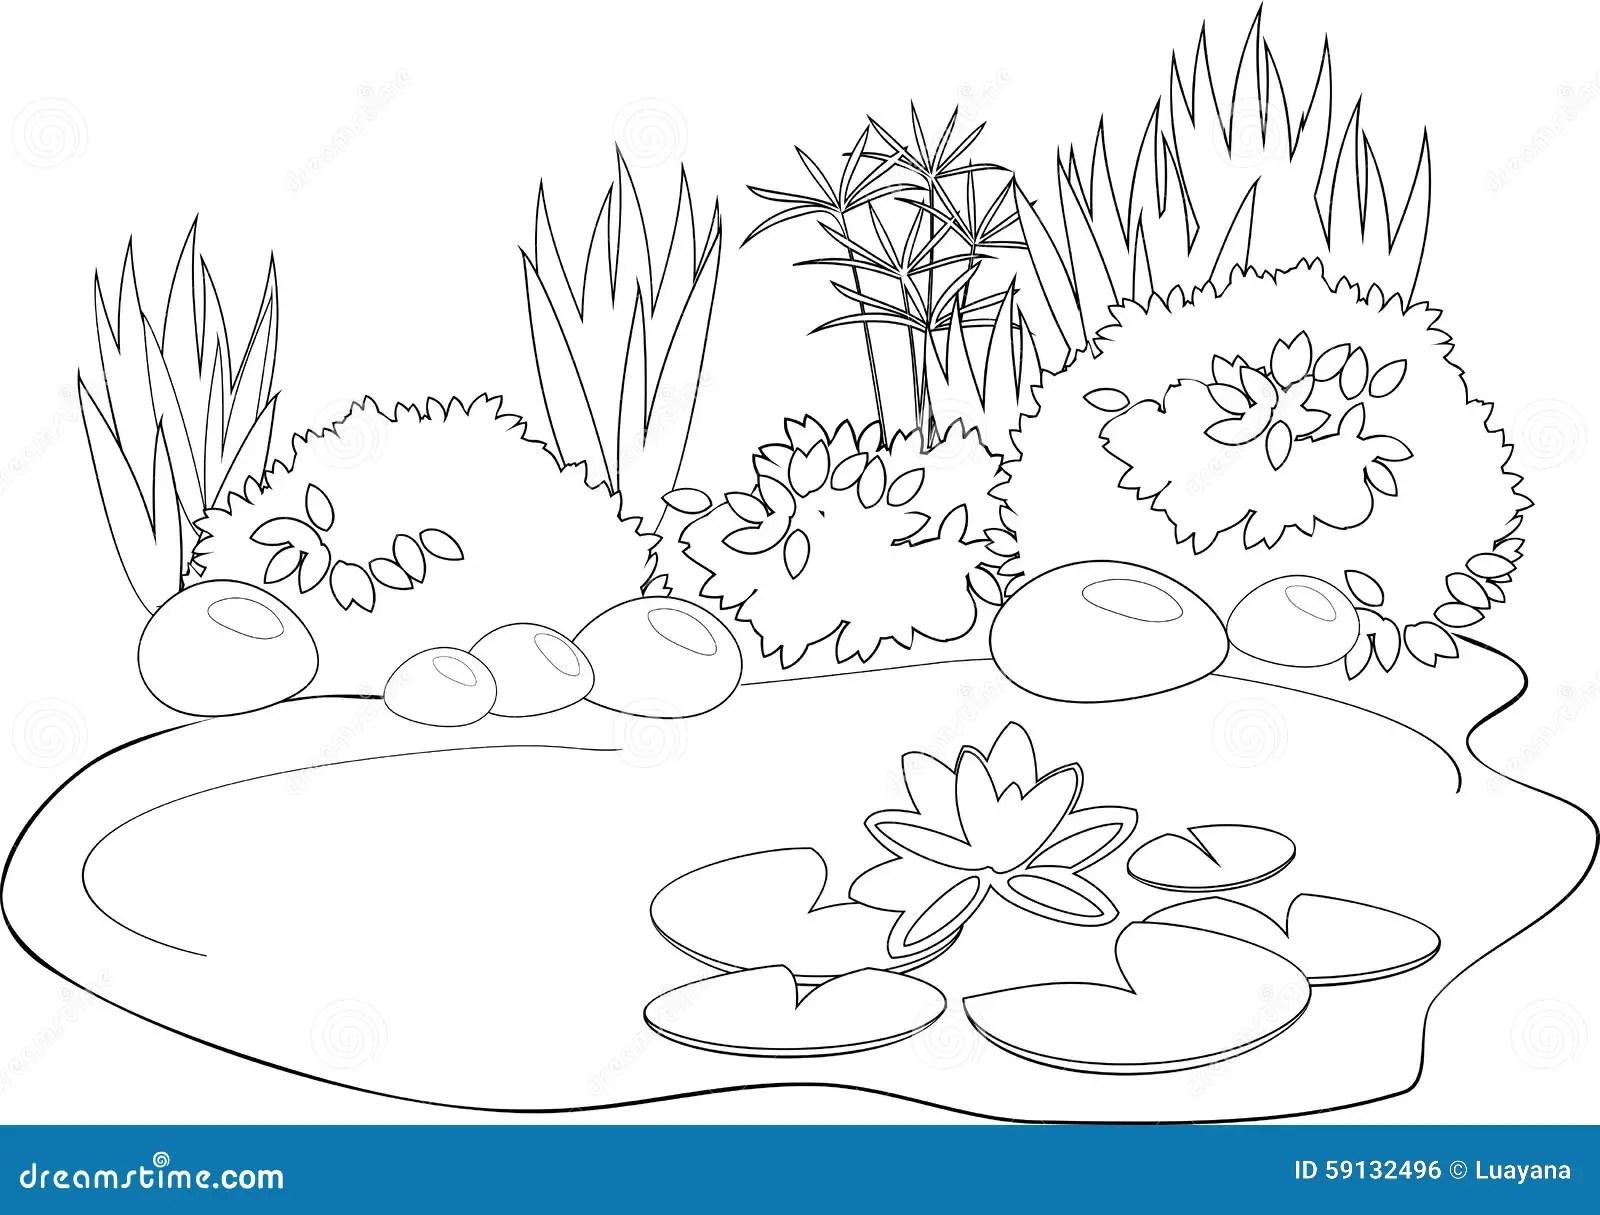 Kolorystyka Staw Ilustracja Wektor Ilustracja Z O Onej Z